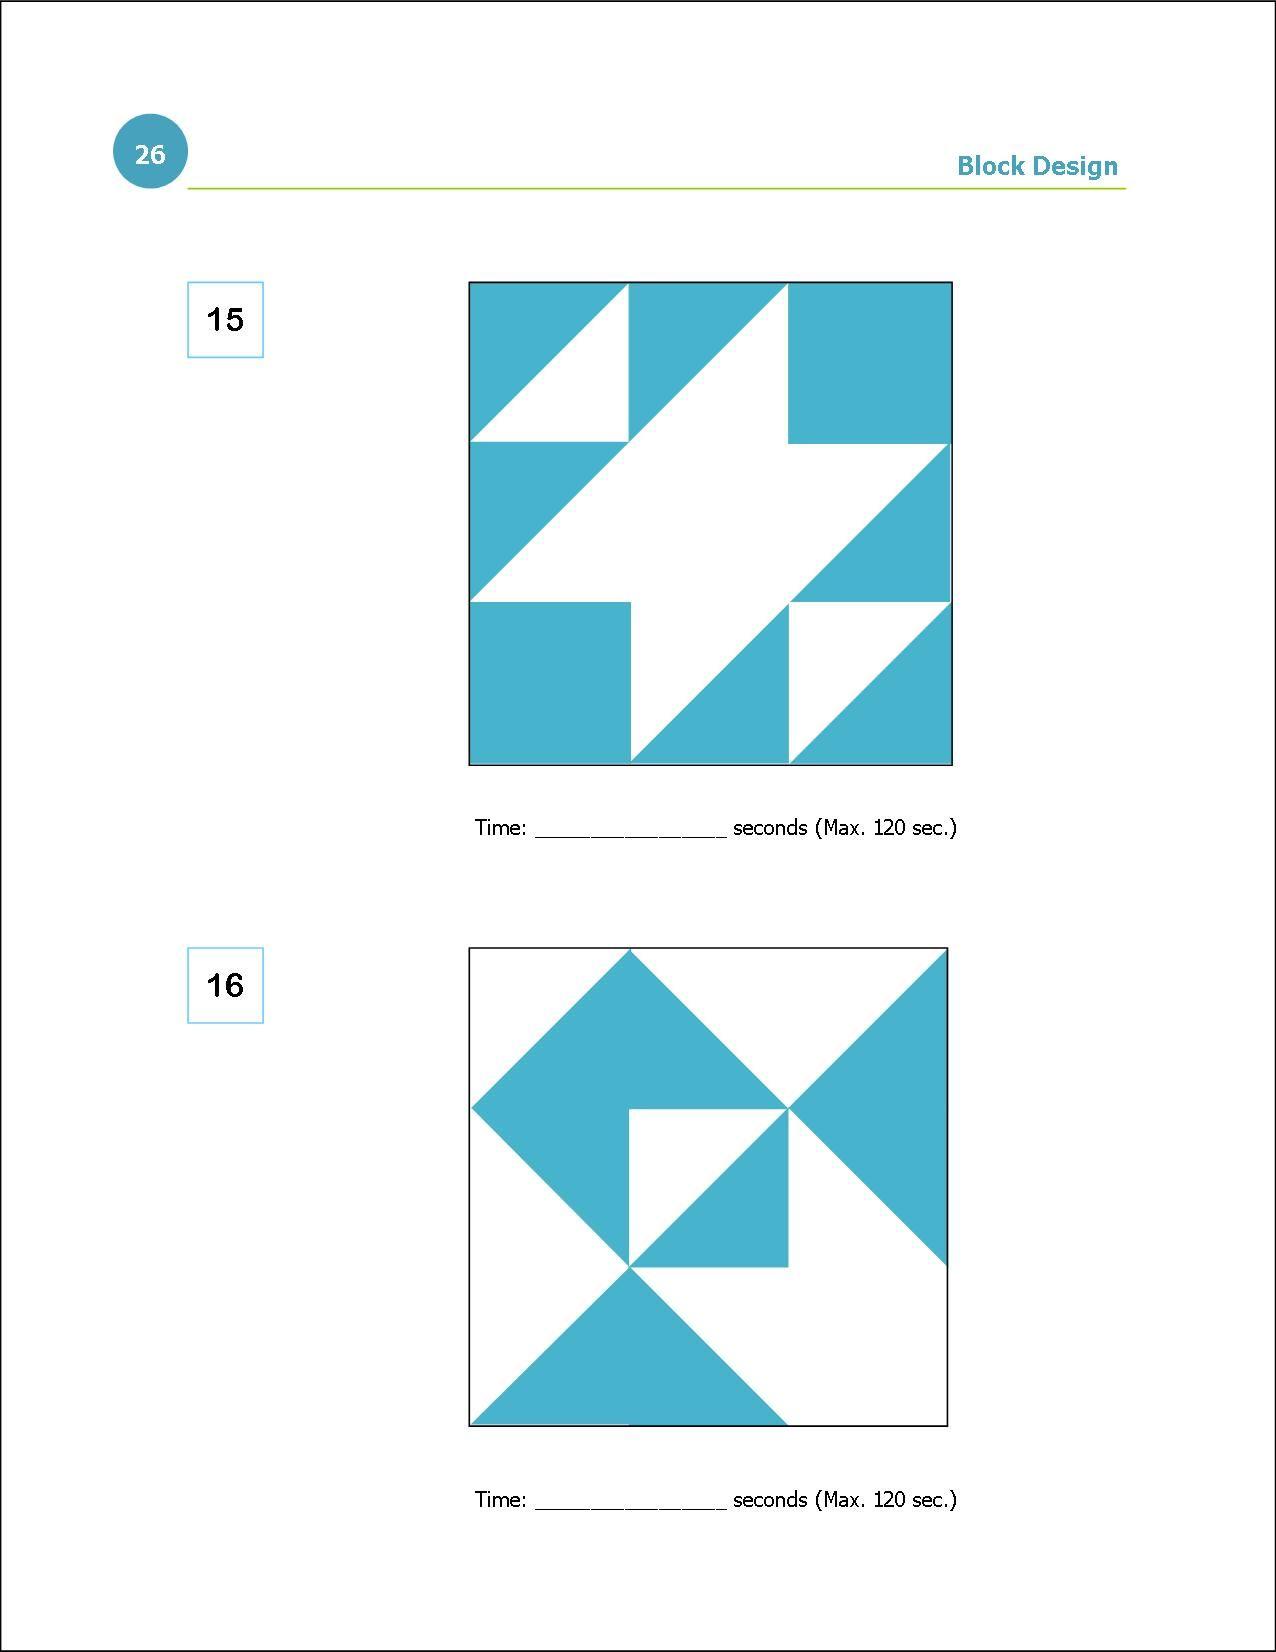 how to solve block design iq